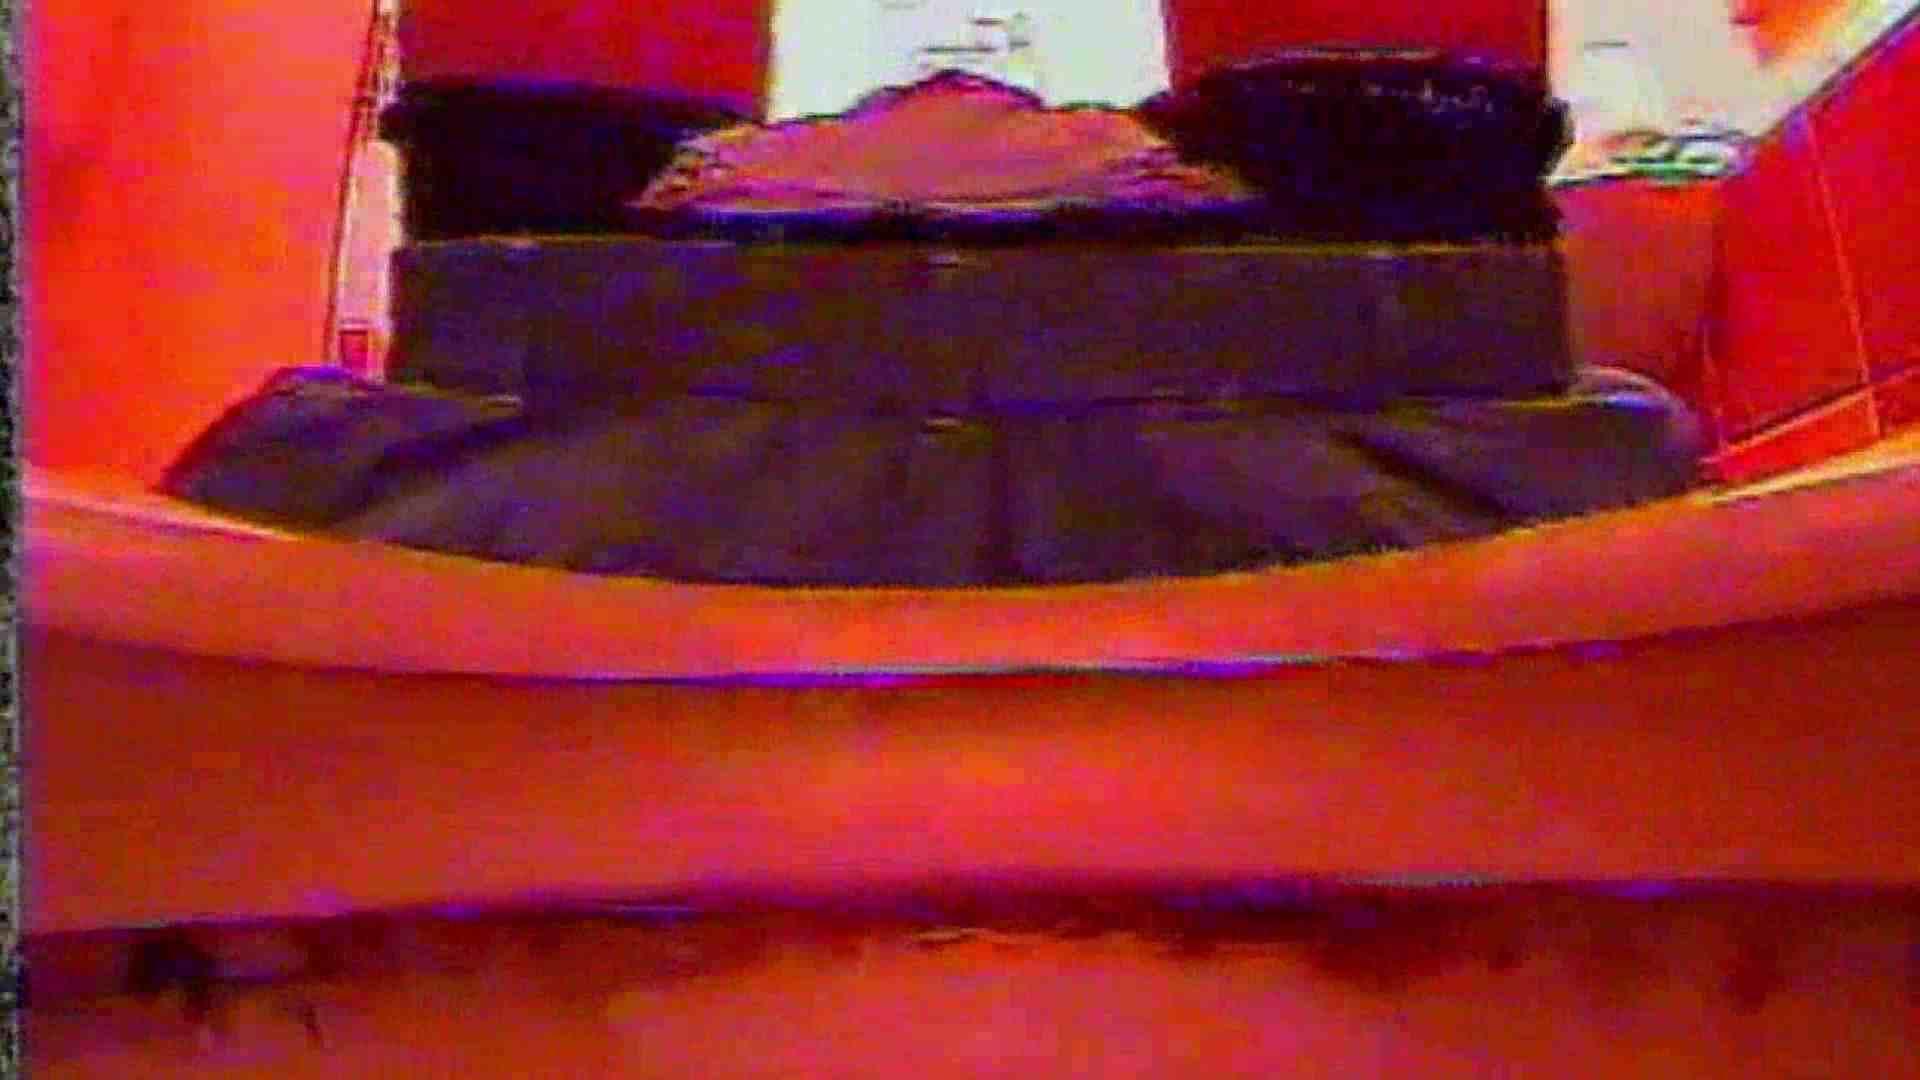 キレカワ女子大生の秘密の洗面所!Vol.048 放尿 オメコ動画キャプチャ 109画像 95